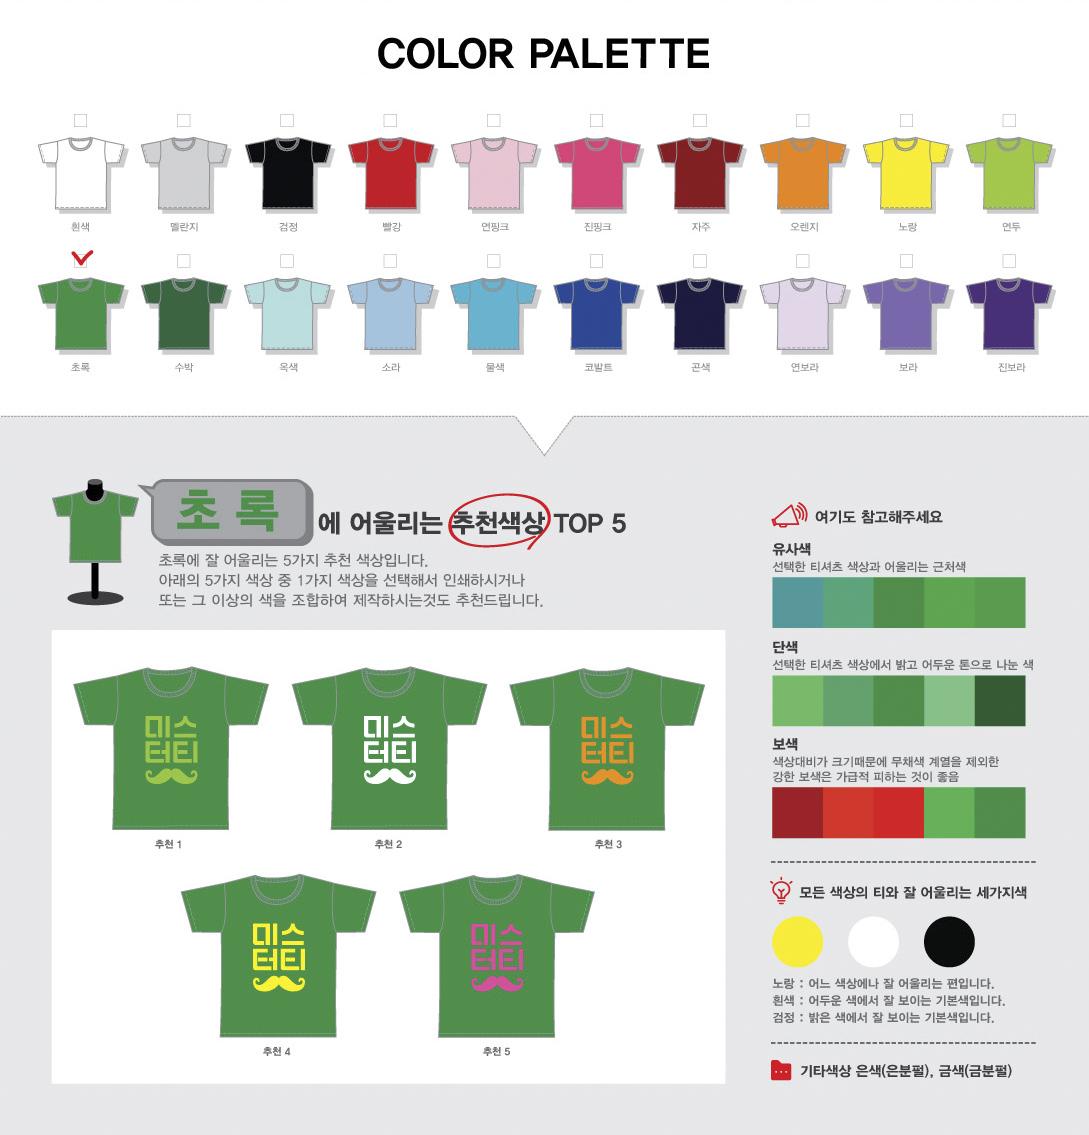 초록색 단체티에 어울리는 로고색상,초록색단체티 제작색상,초록색단체복 로고색상,초록색단체티 디자인색상,초록색단체티셔츠 로고색상